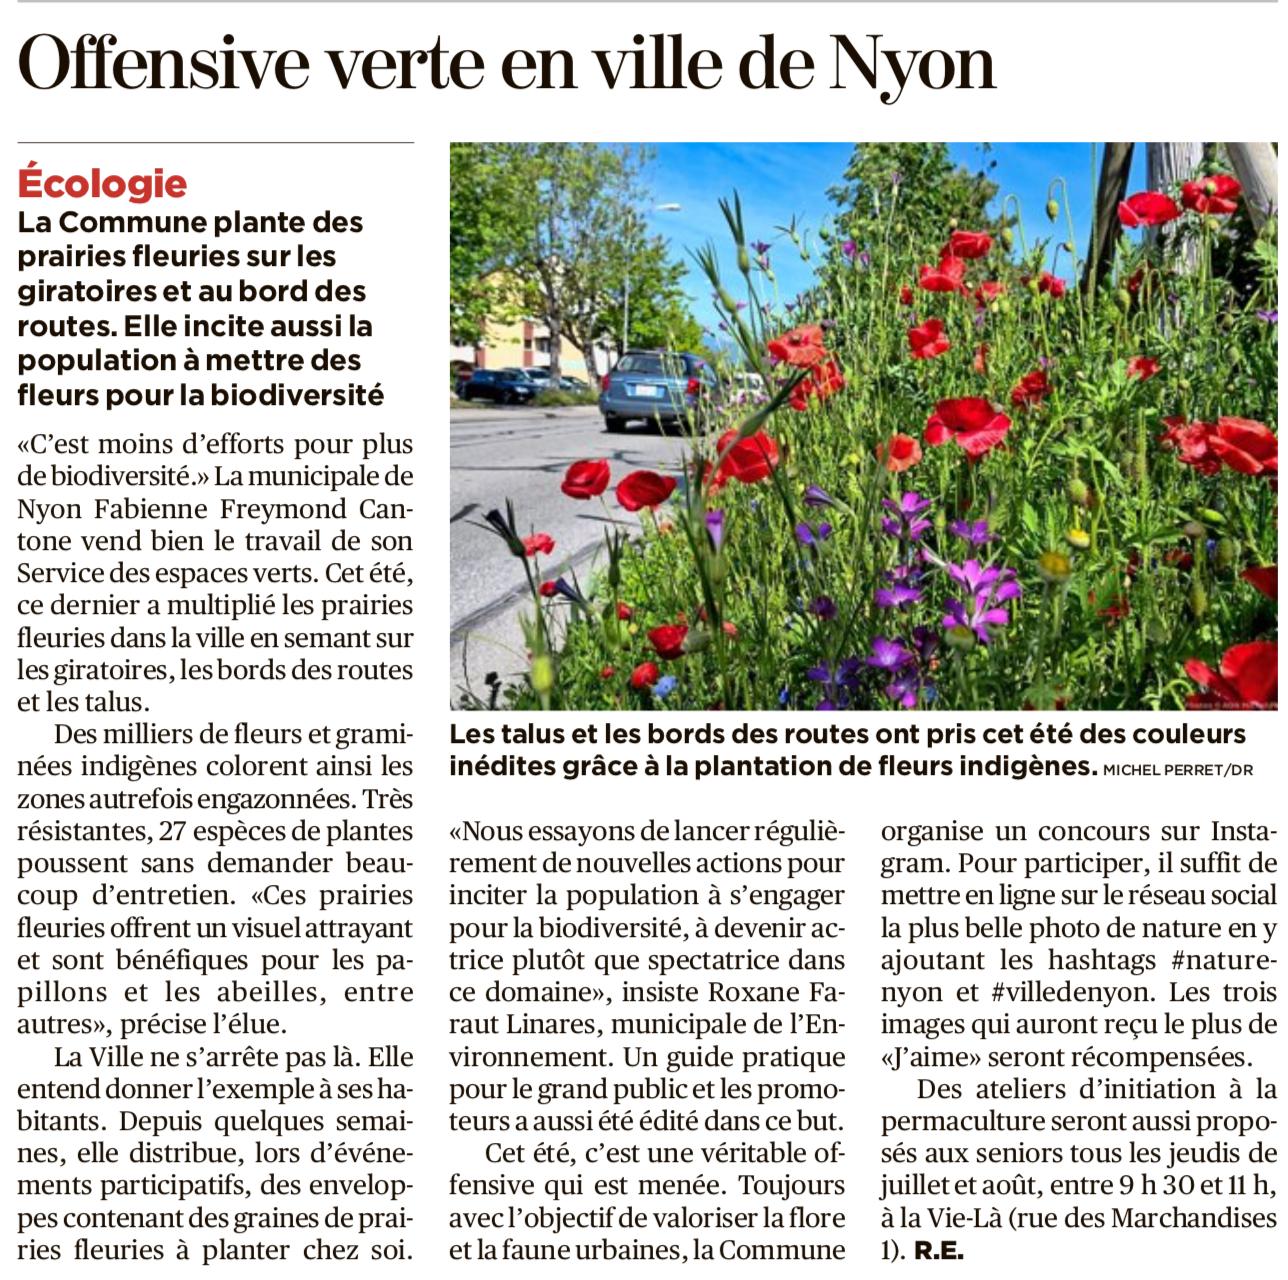 2019-07 - 25 Heures - Offensive verte en ville de Nyon